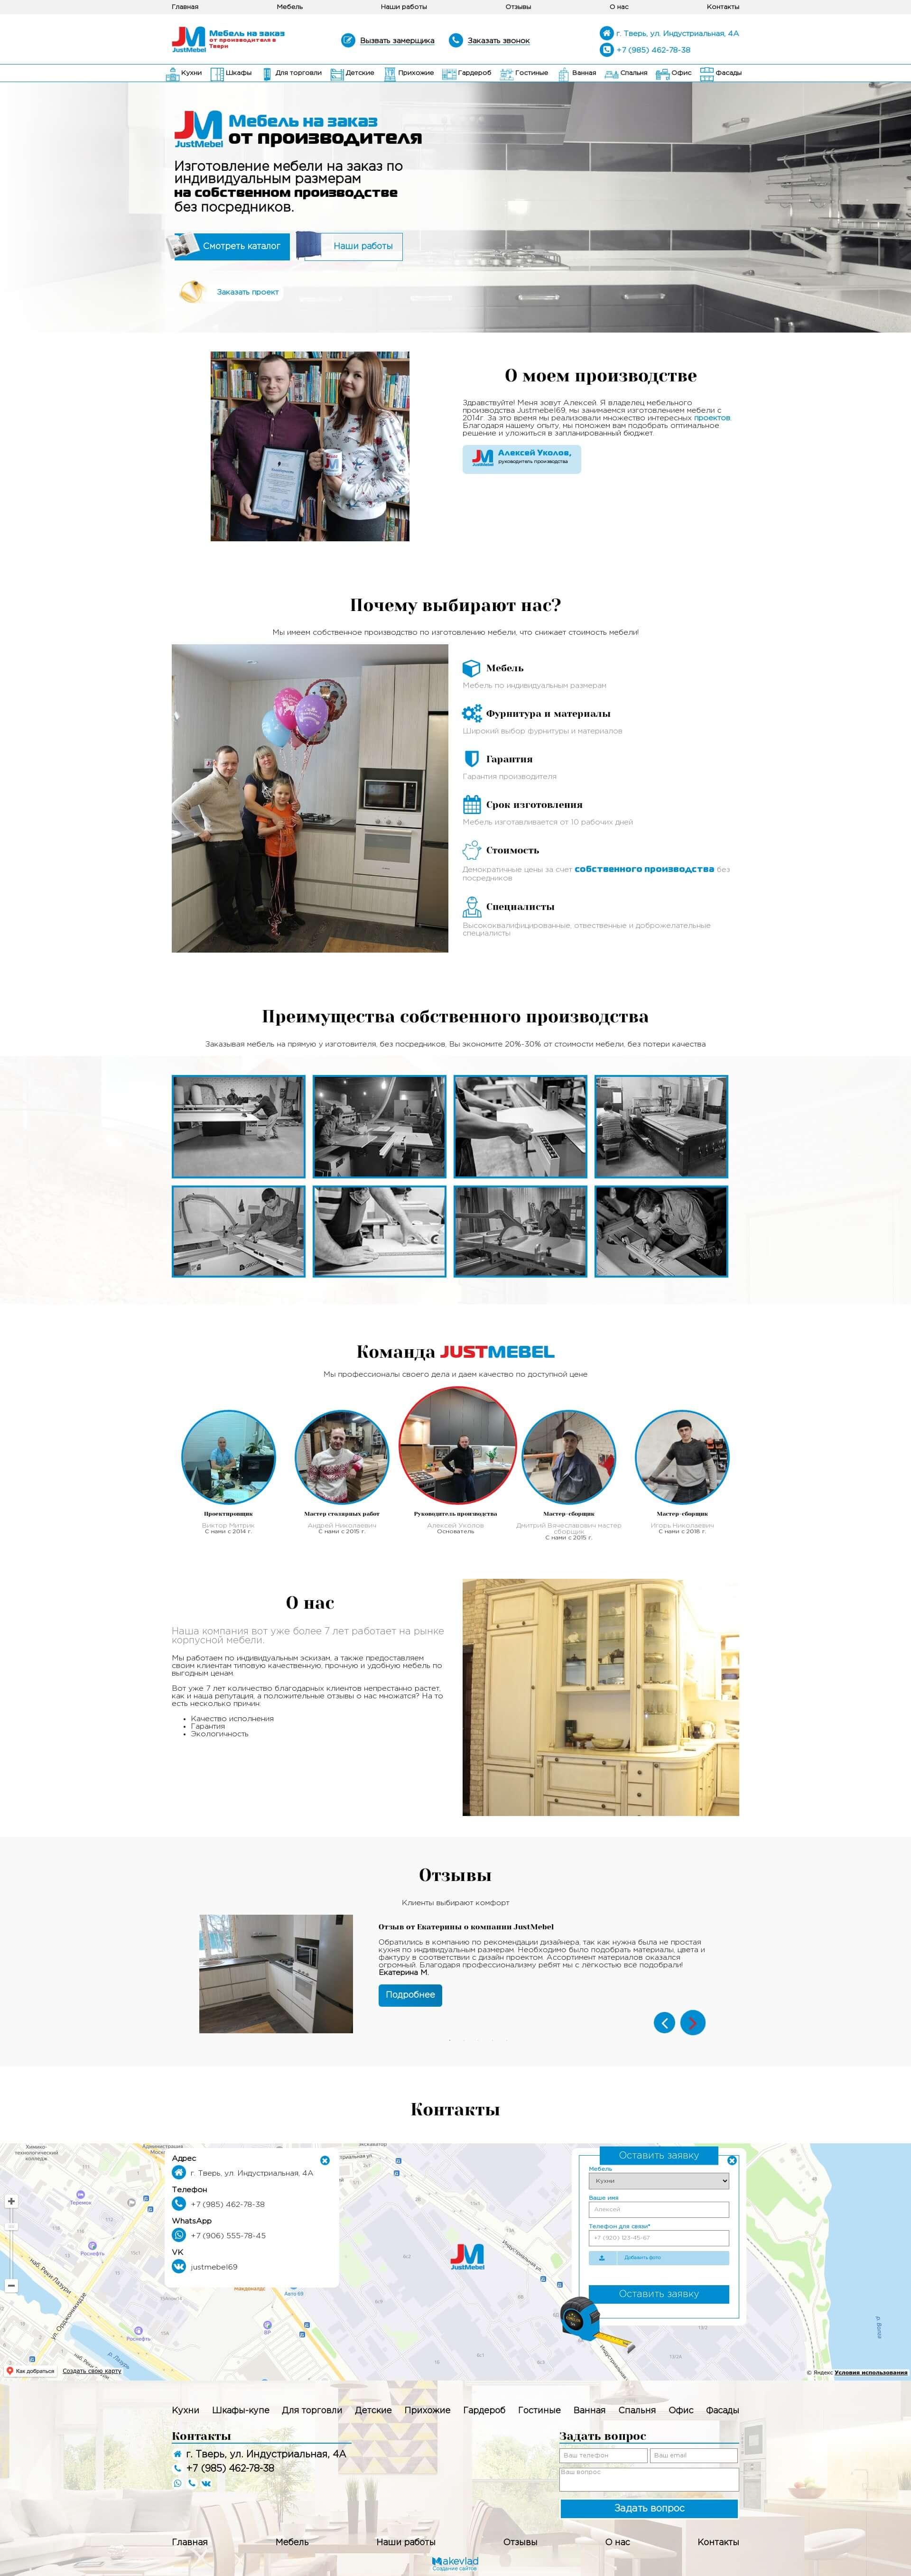 Скриншот №1 страницы сайта во весь экран. Сайт по изготовлению мебели на заказ